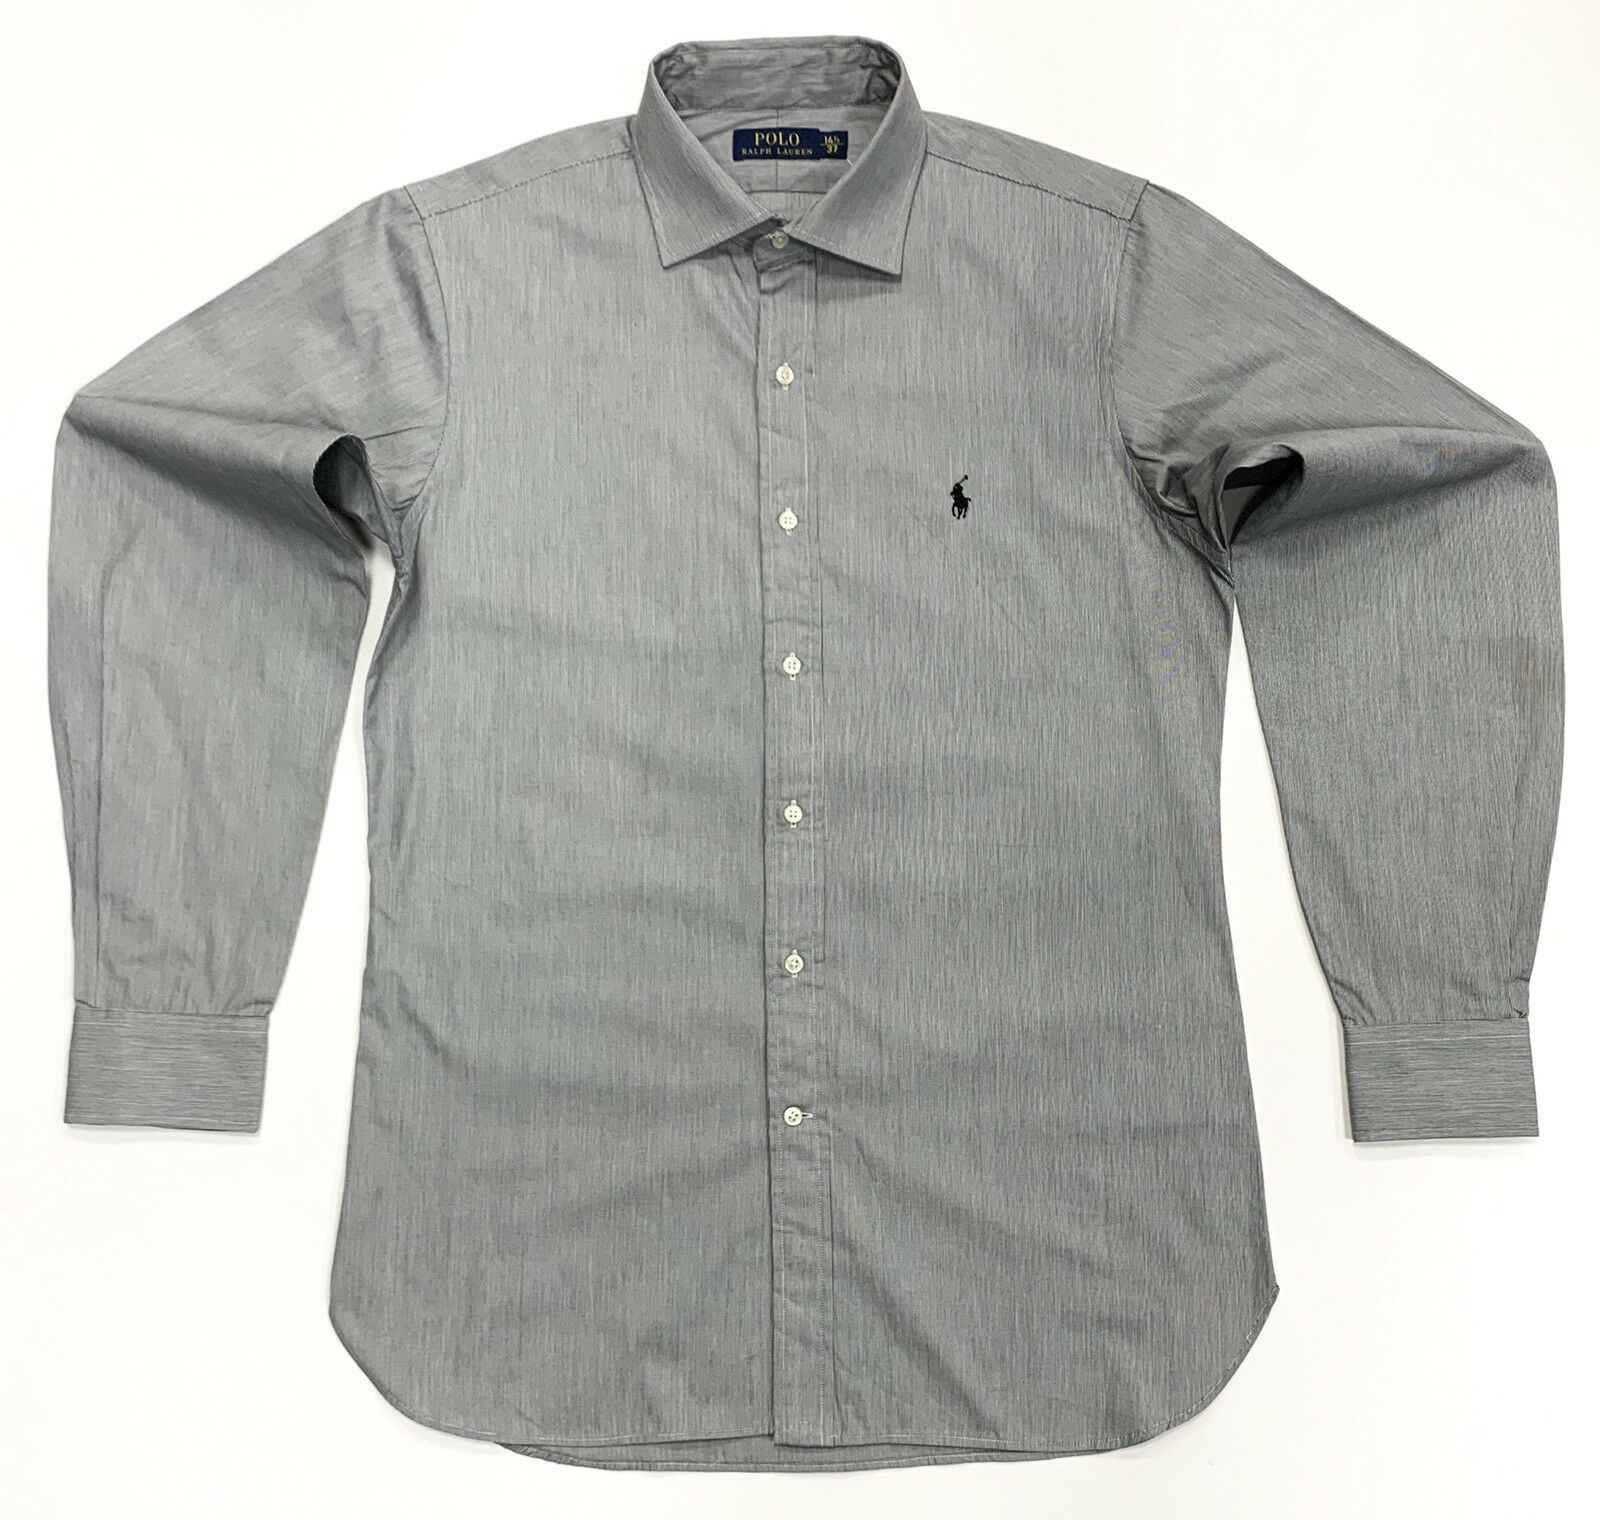 POLO RALPH LAUREN LAUREN LAUREN uomo cotton camicia a maniche lunghe in nero bianco Taglia 14.5 37 31ed95